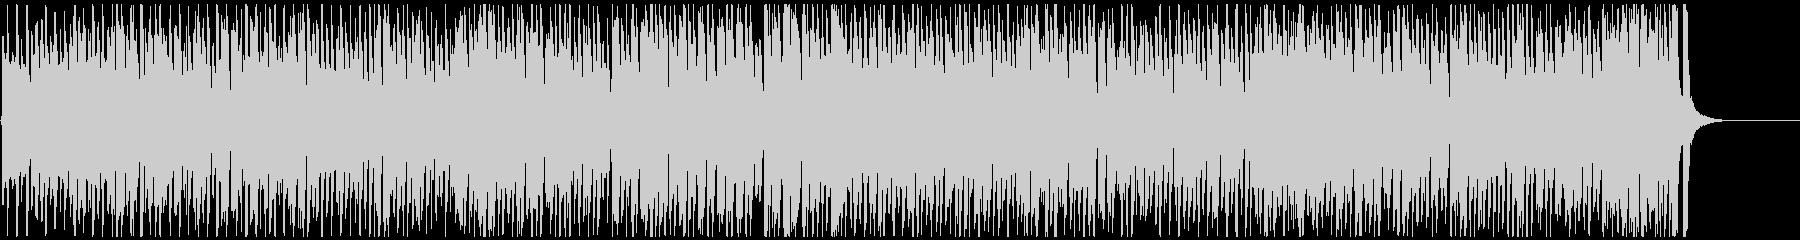 カートゥーンっぽいどたばたコミカルBGMの未再生の波形